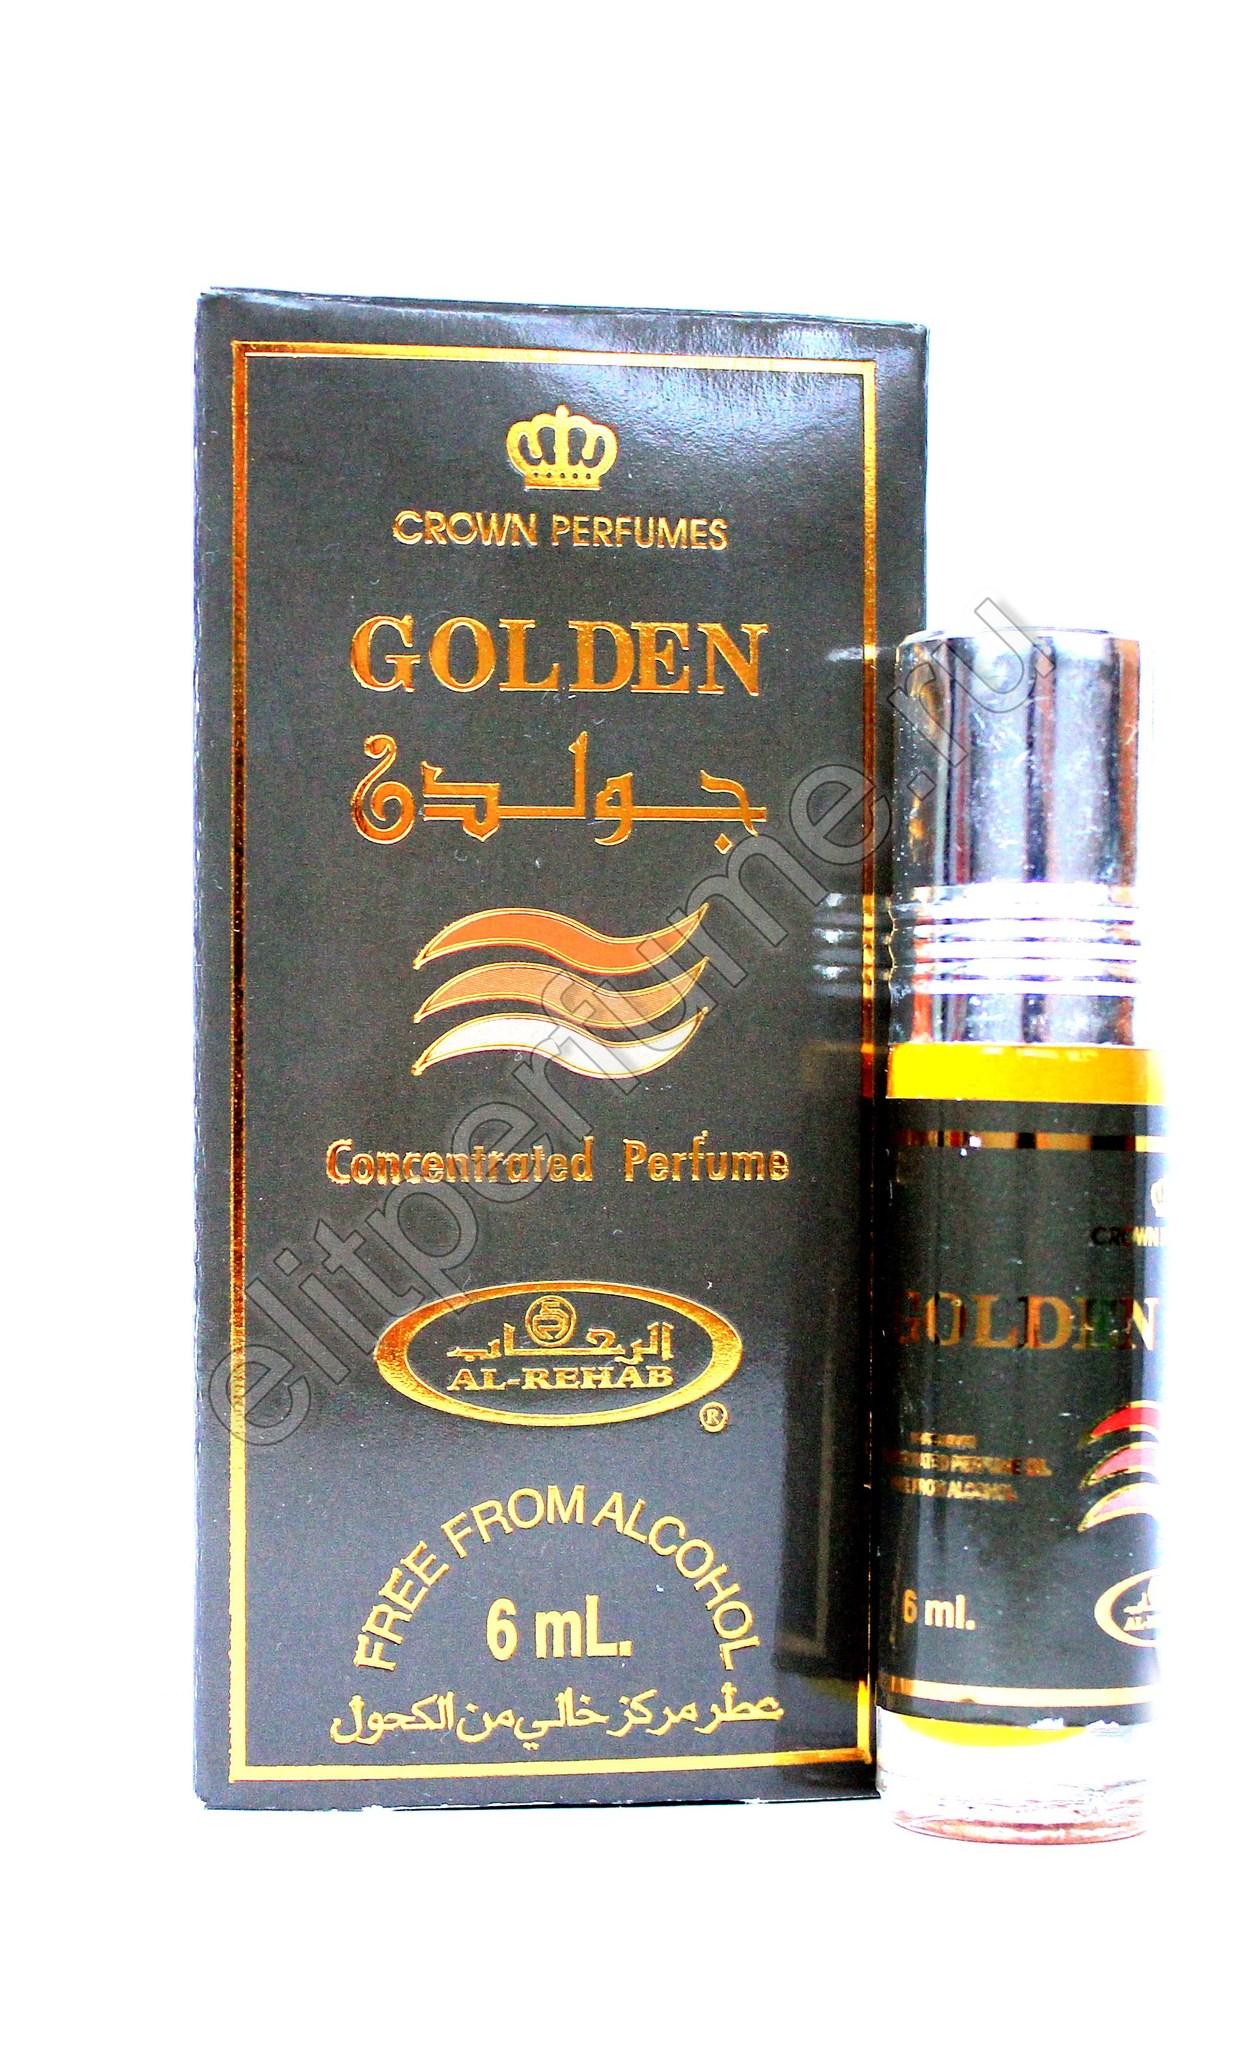 Golden Золотой 6 мл арабские мужские масляные духи от Аль Рехаб Al Rehab